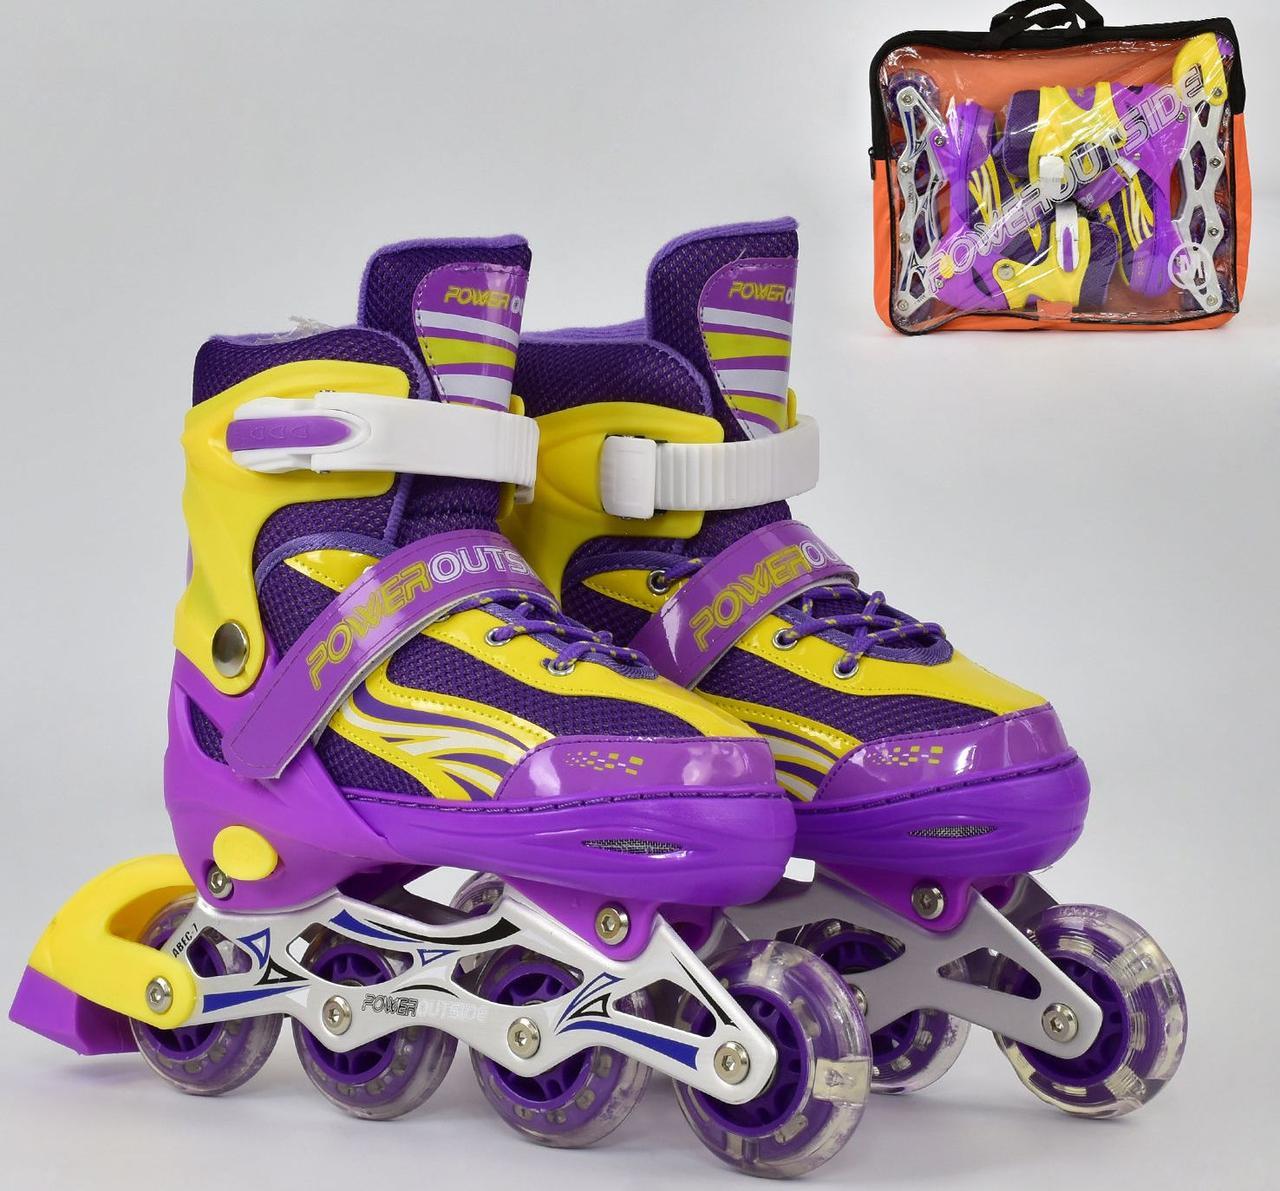 Раздвижные ролики детские POWER - Фиолетовые р.35-38